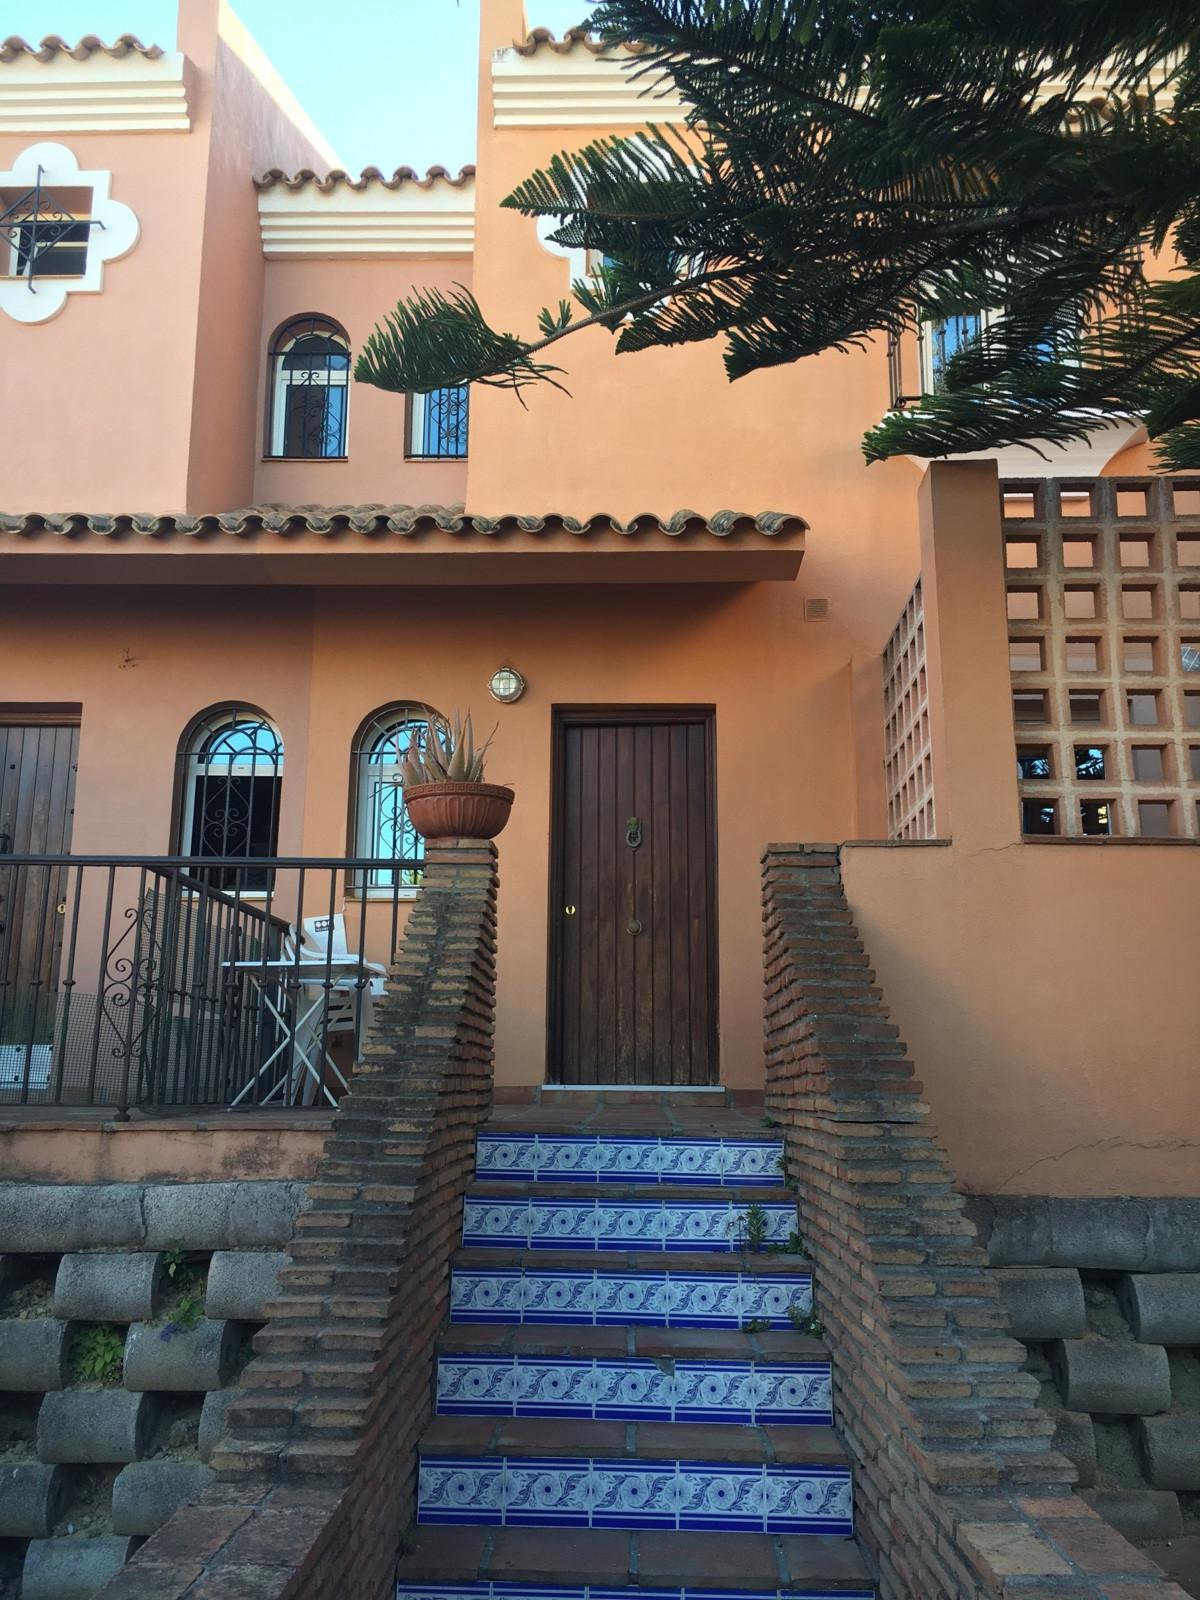 Townhouse for sale in La Alcaidesa, Costa del Sol